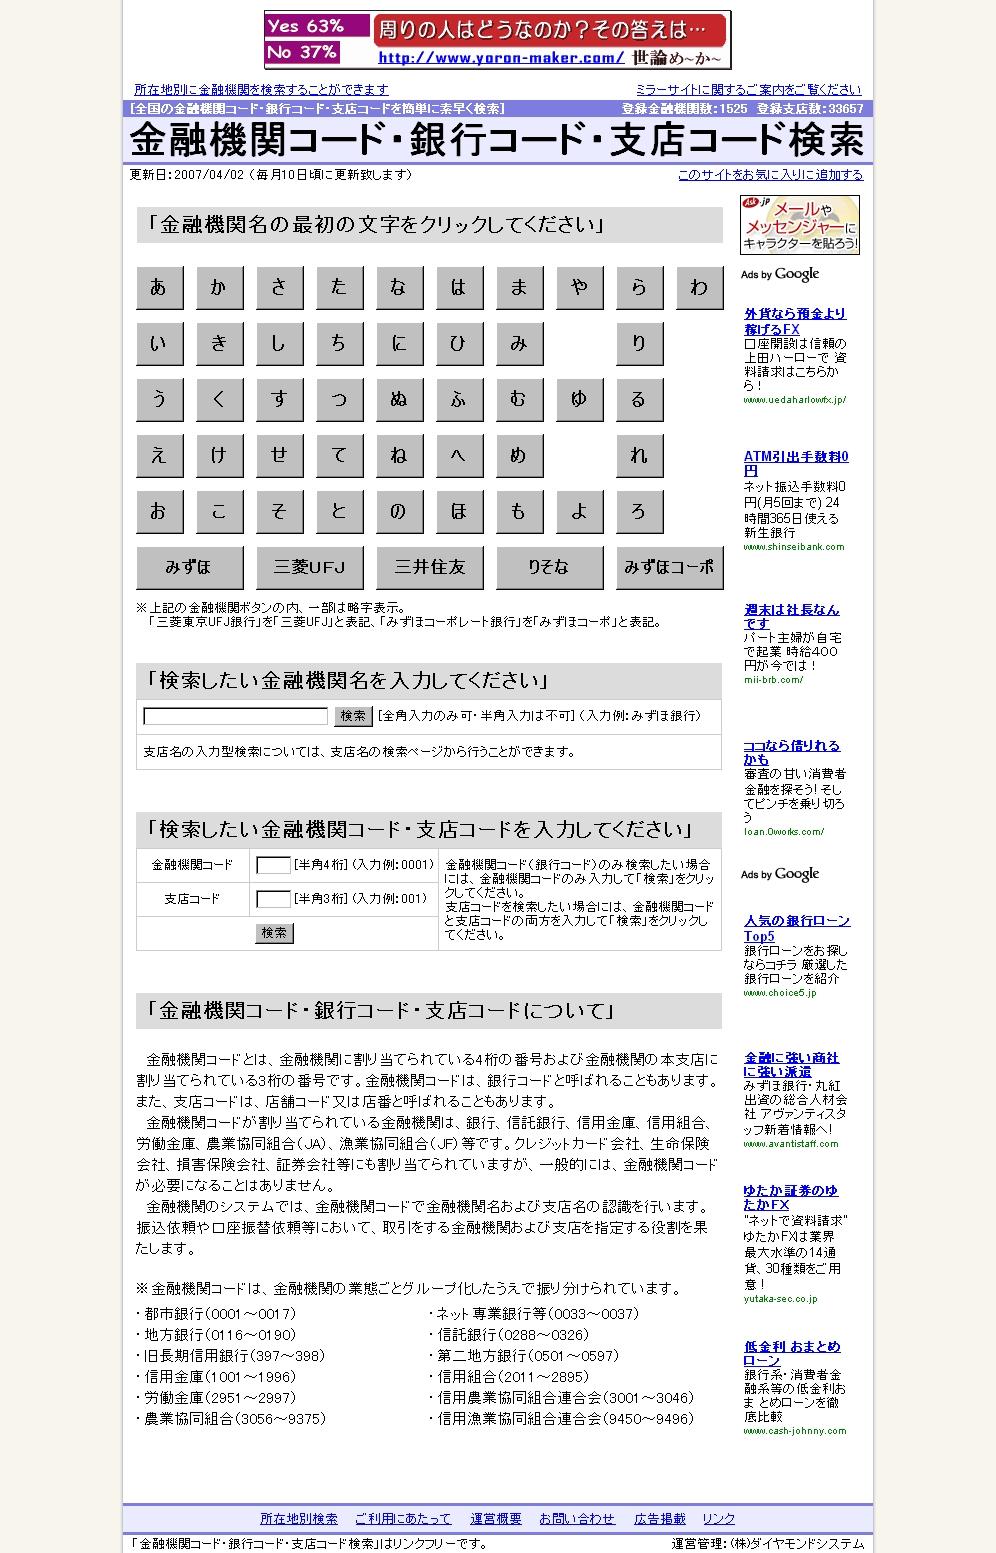 金融 コード 住友 銀行 三井 機関